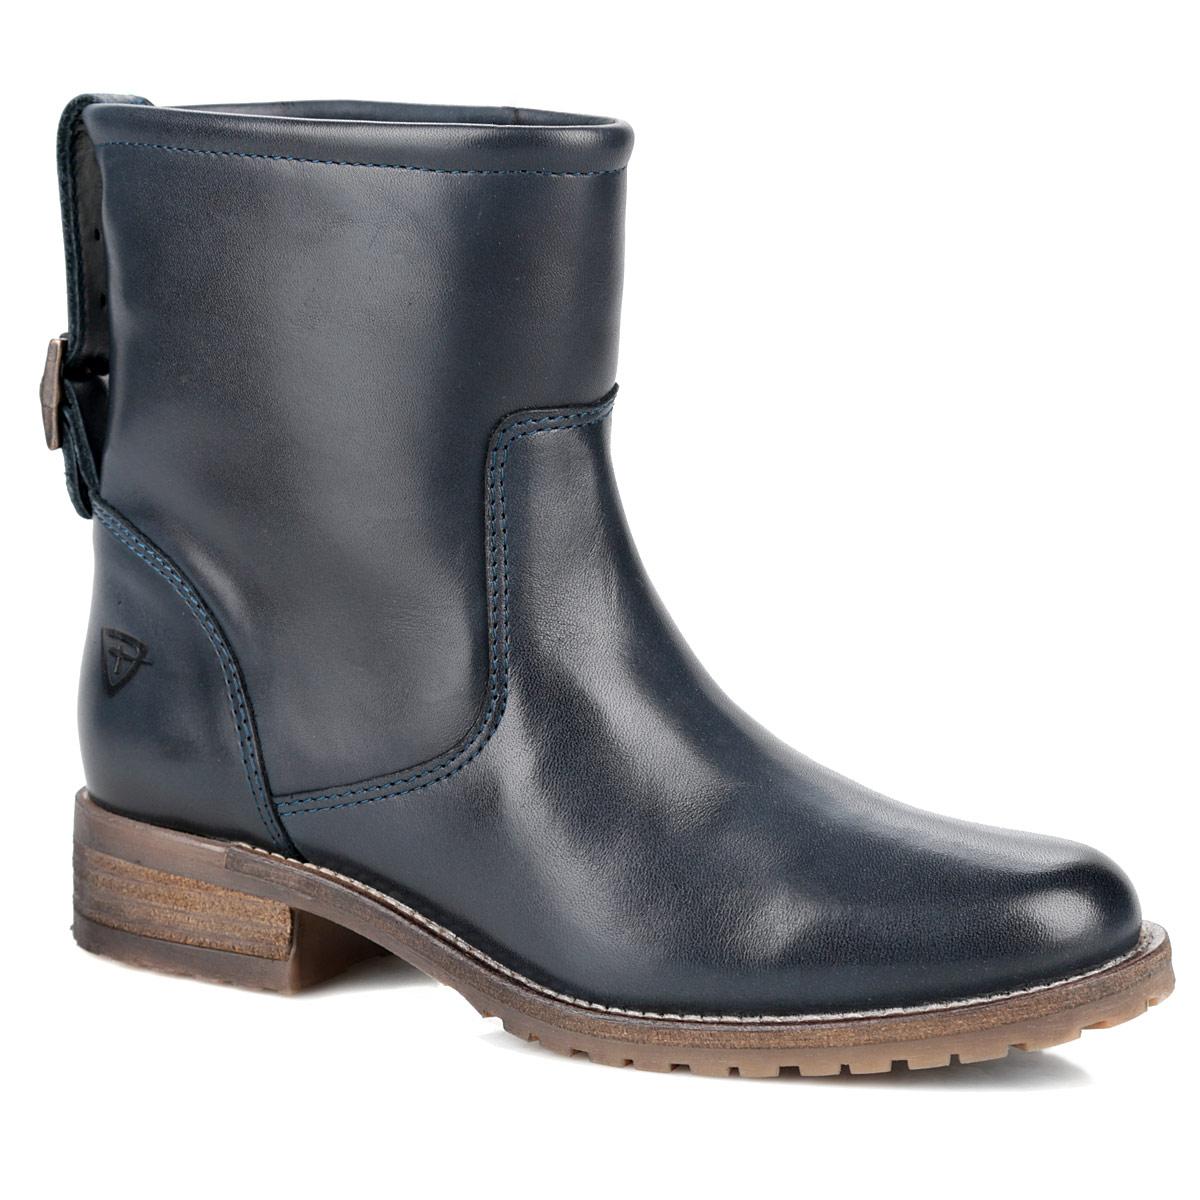 Ботинки женские. 1-1-25463-25-8051-25463-25-805Трендовые женские ботинки от Tamaris придутся вам по душе! Модель изготовлена из натуральной высококачественной кожи и оформлена крупной прострочкой вдоль ранта, на заднике - регулируемым ремешком с металлической пряжкой. Отсутствие застежек компенсировано шириной голенища. Подкладка и стелька из байки сохранят ваши ноги в тепле. Невысокий каблук и подошва стилизованы под дерево. Протектор на подошве и каблуке гарантирует идеальное сцепление на любой поверхности. Стильные ботинки помогут вам создать запоминающийся образ и подчеркнут вашу индивидуальность.